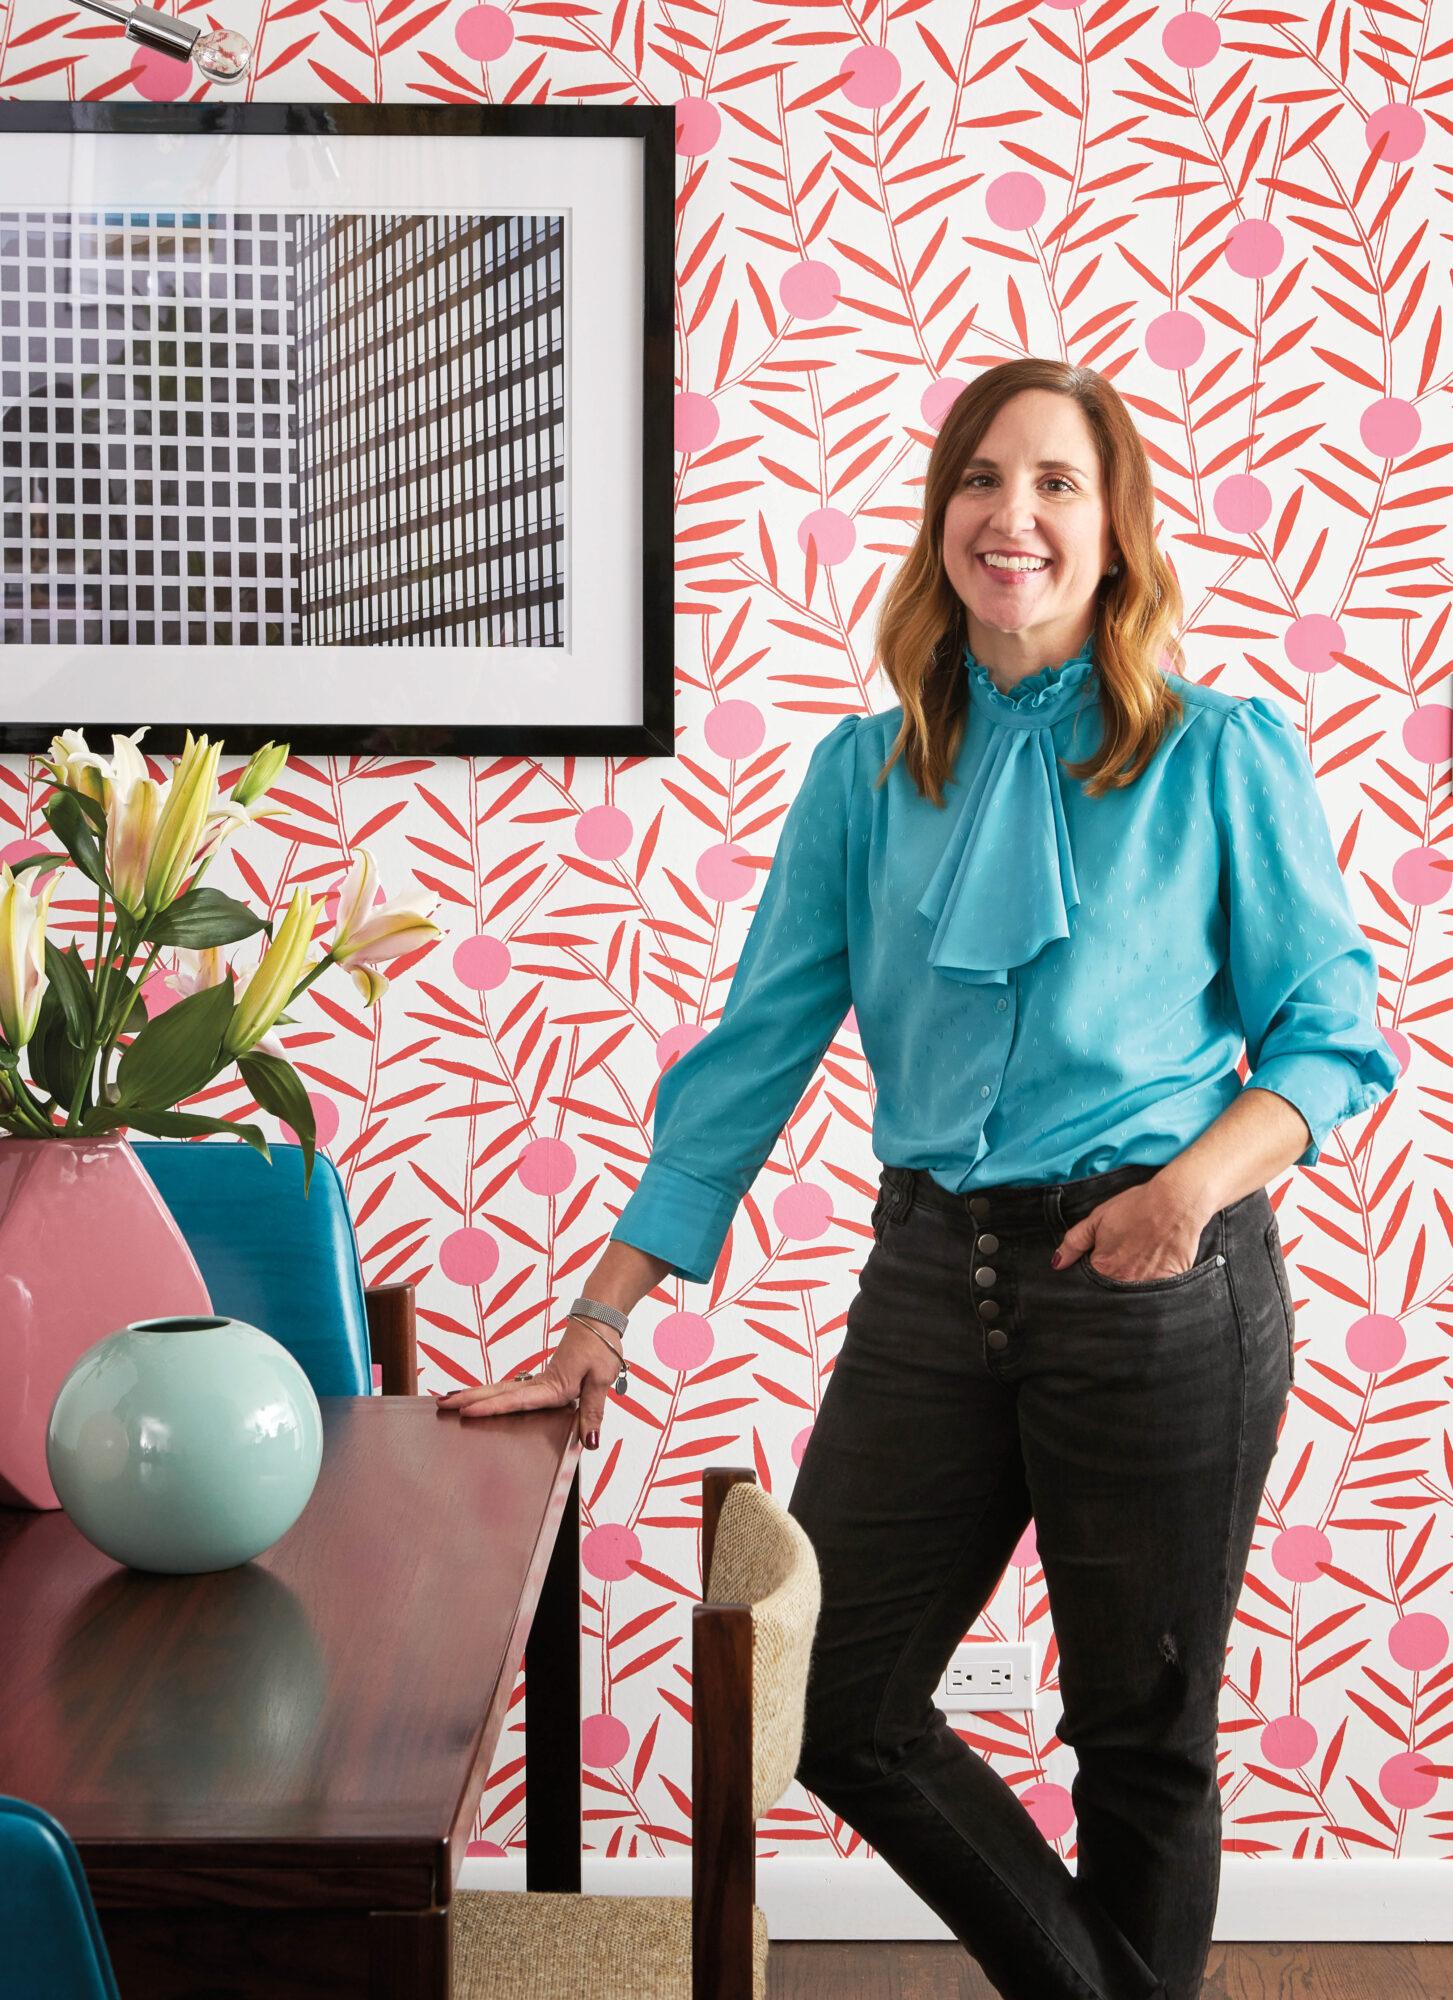 pink wallpaper carly moeller blue shirt